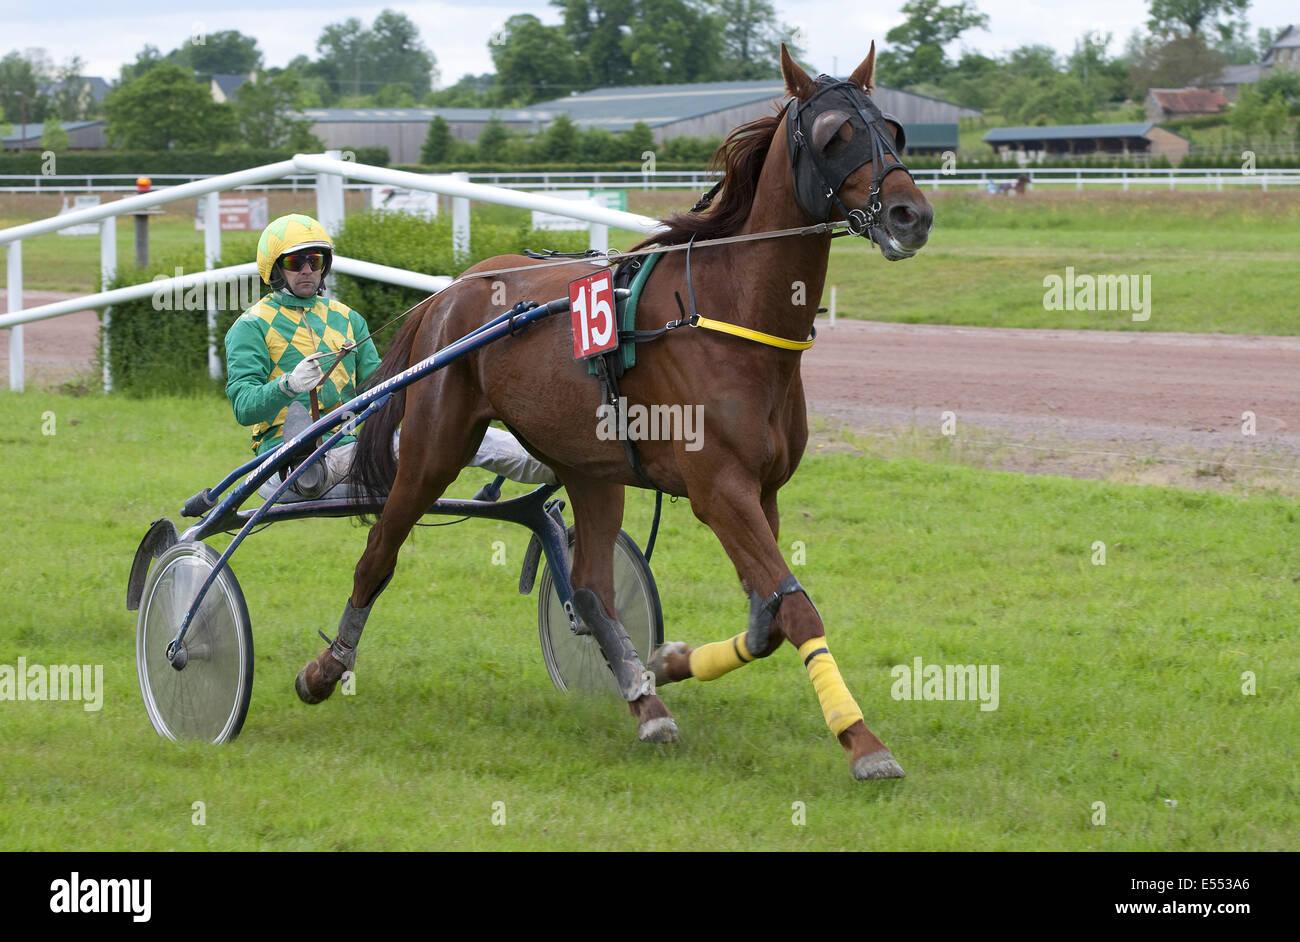 Las carreras de caballos, carreras de arnés en el hipódromo, Vire Racecourse, Normandía, Francia, Imagen De Stock